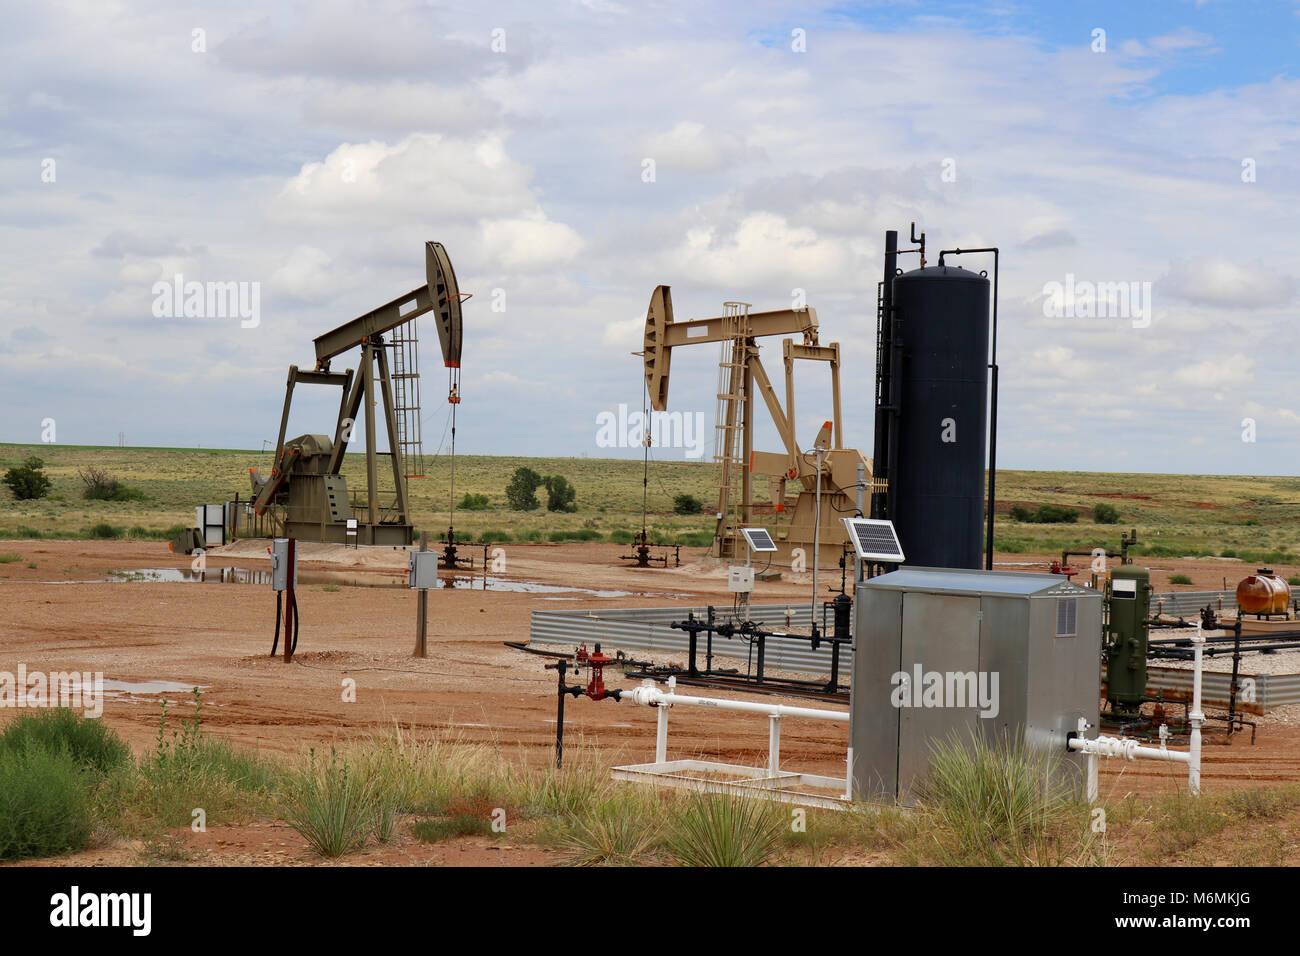 Zwei Öl - Gas und Jack Pumpe an der Bohrstelle mit Ausrüstung und Halten von Tanks auf praries mit niedrigen Hügel Stockfoto